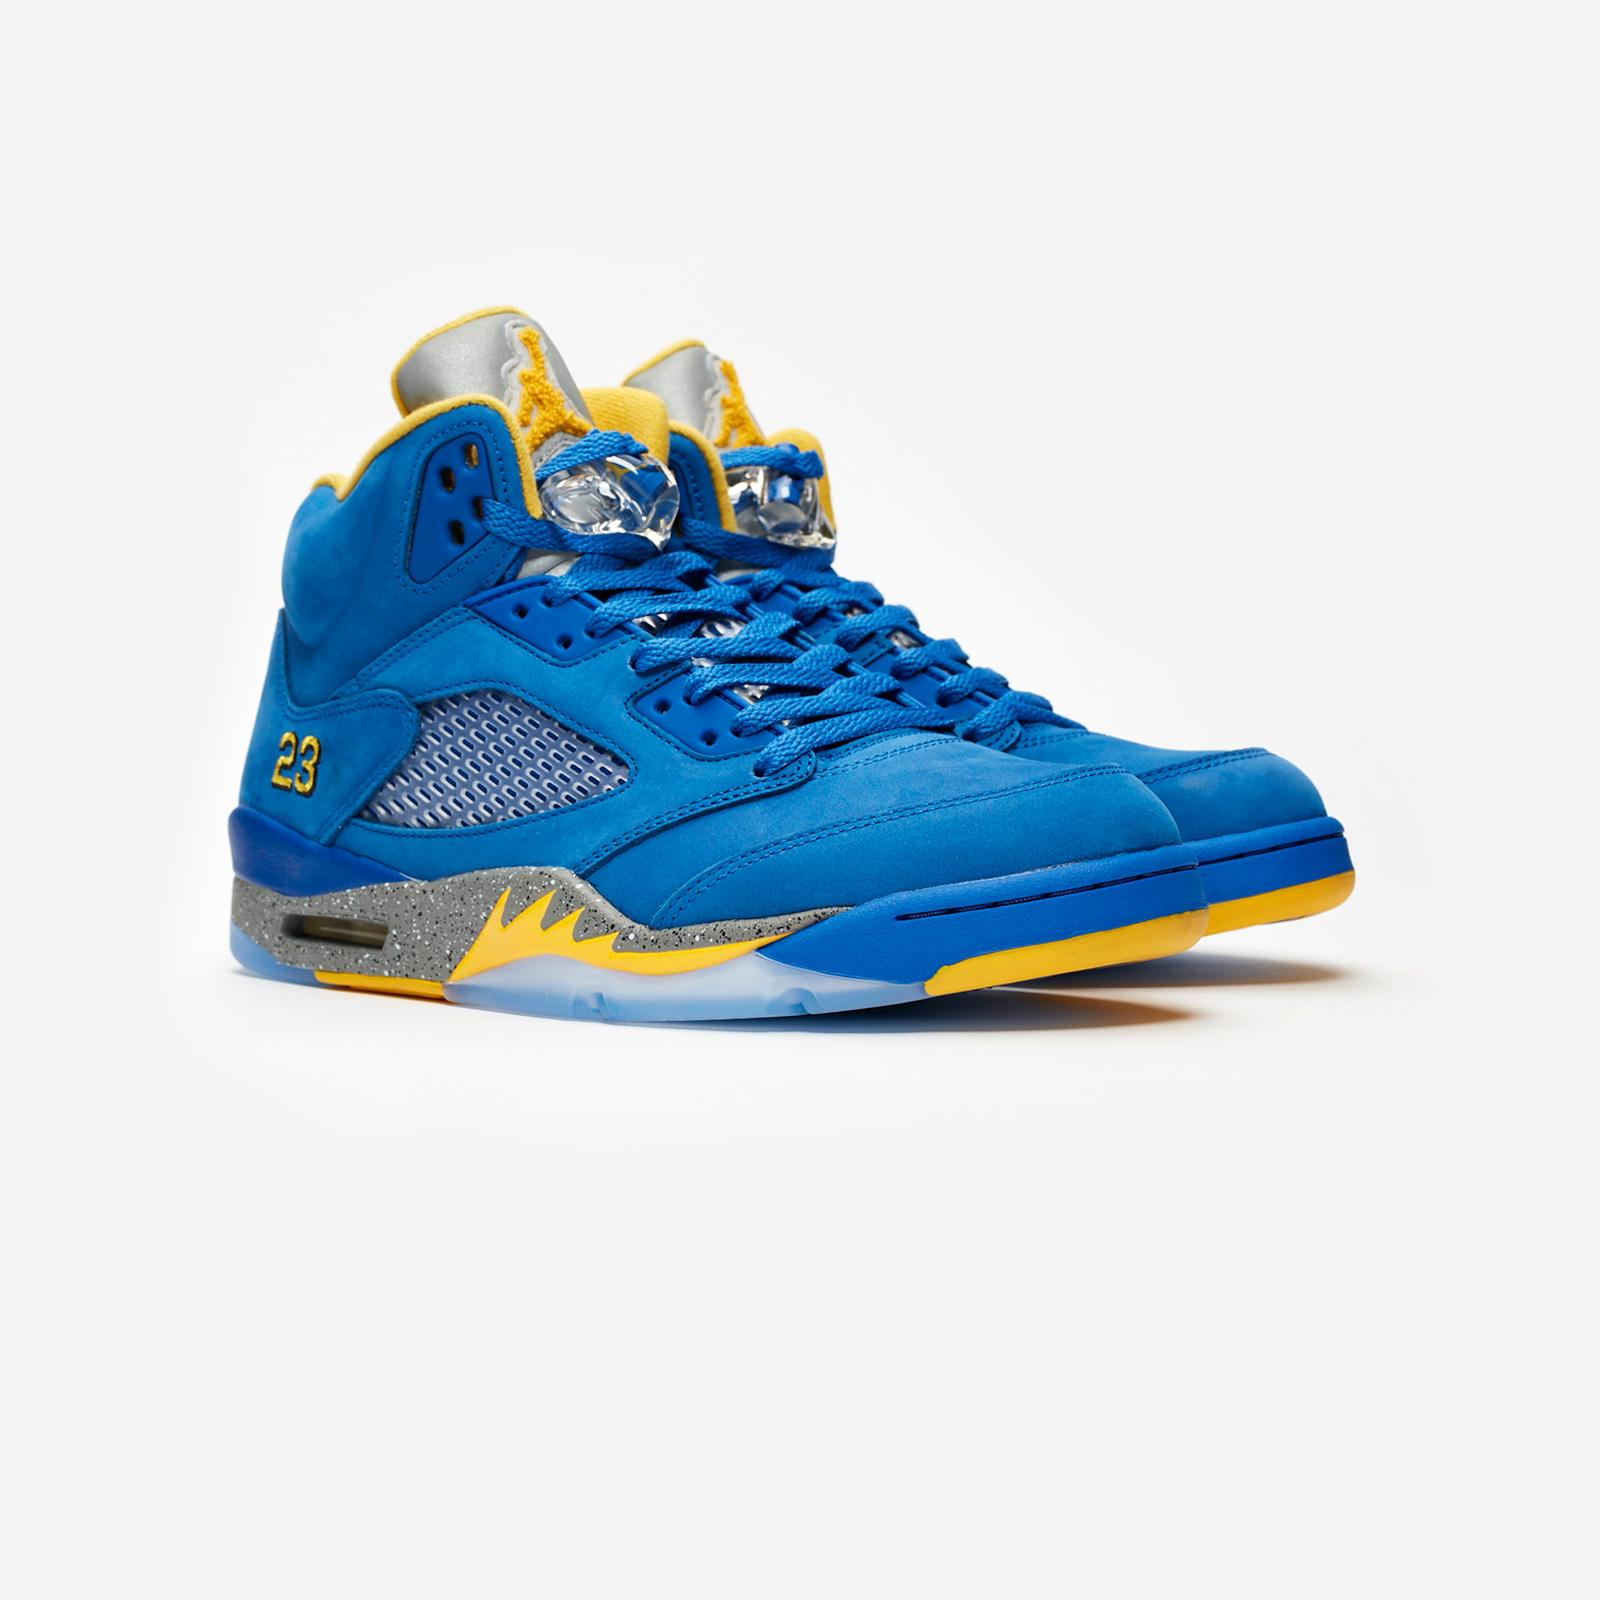 f698c244ca9880 Jordan Brand Air Jordan 5 Laney - Cd2720-400 - Sneakersnstuff ...